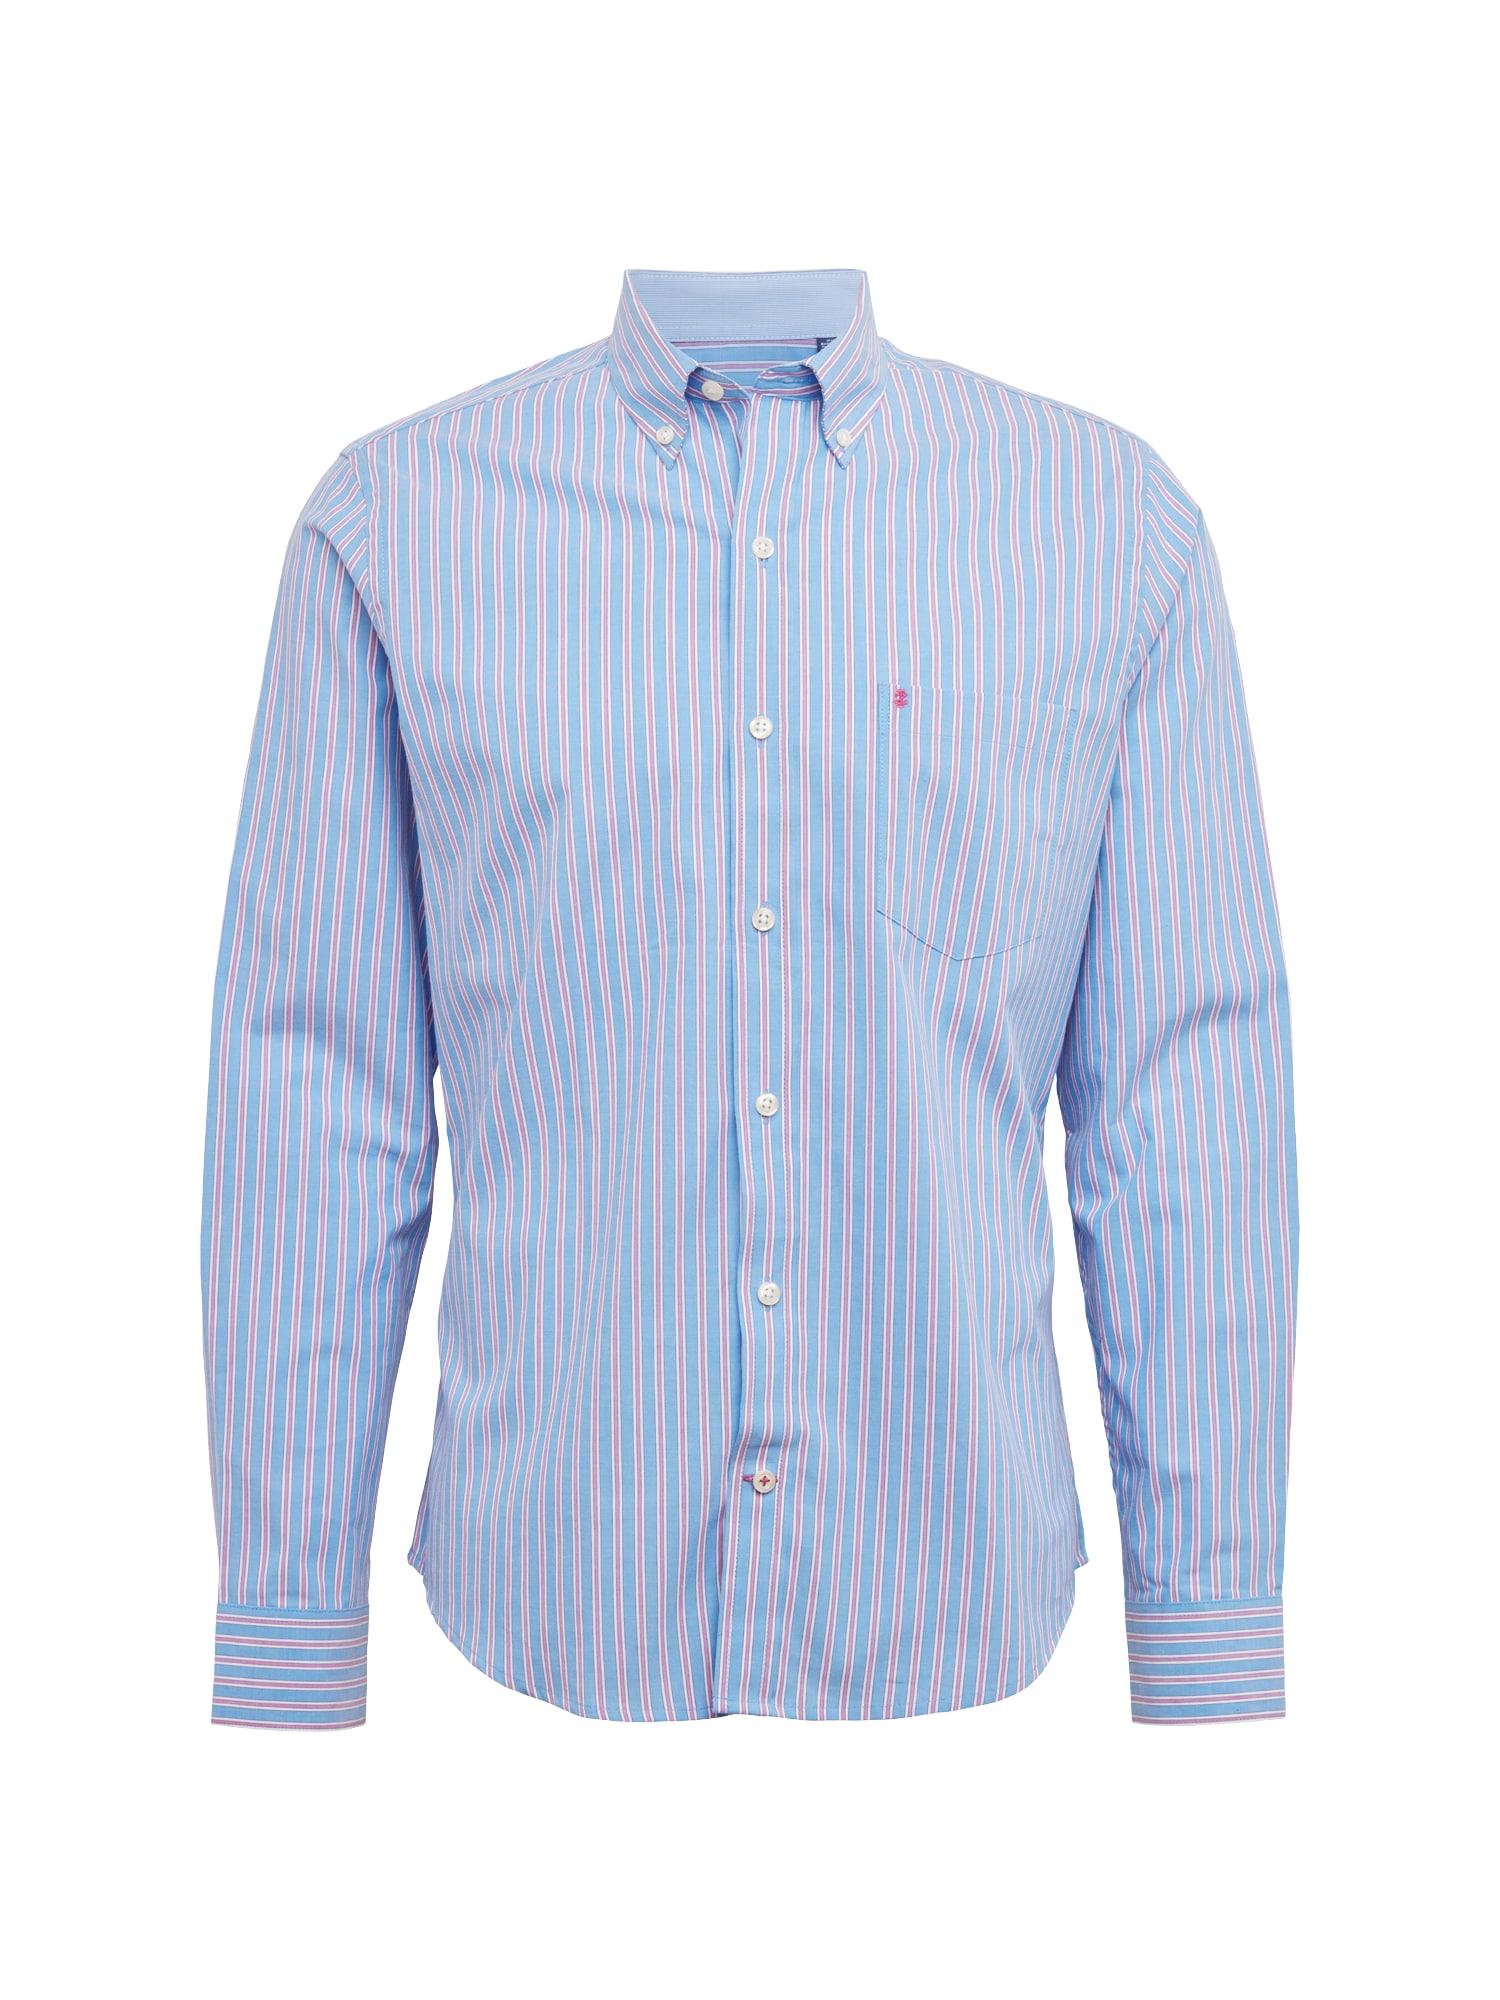 Košile POPLIN MULTI STRIPE BD SHIRT modrá vínově červená bílá IZOD